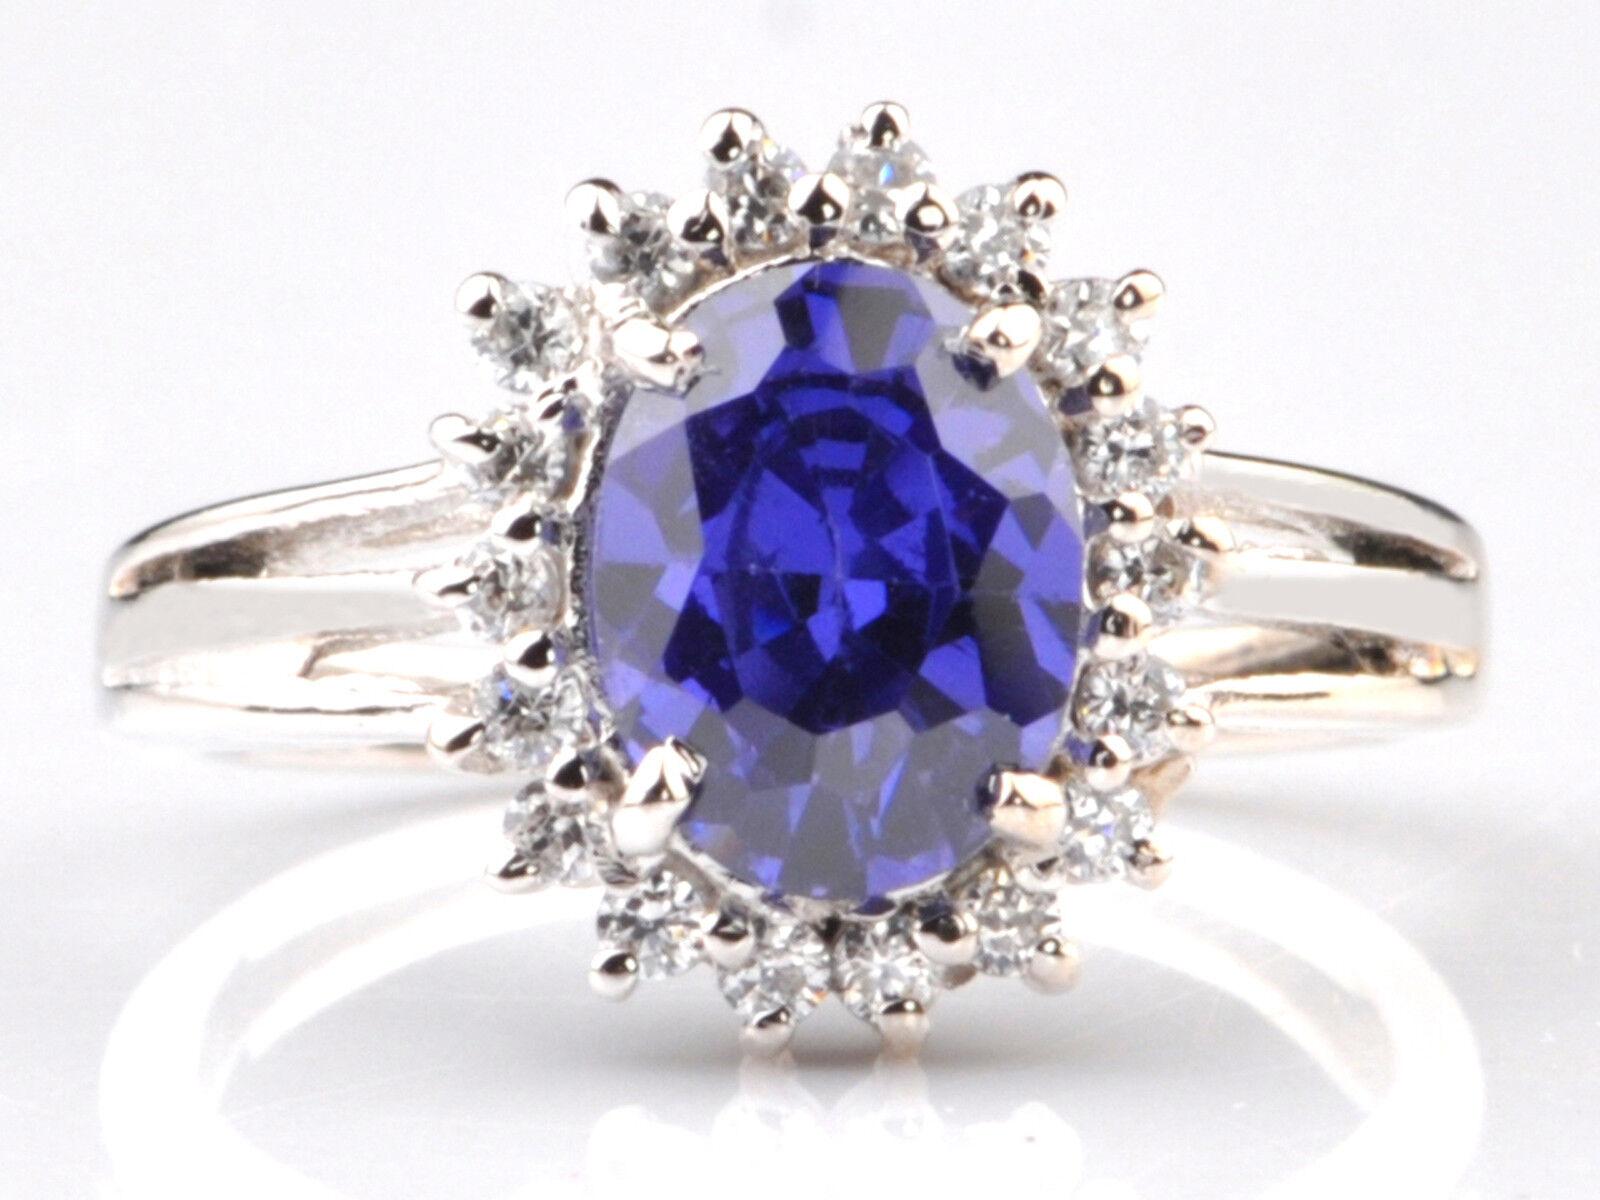 1.80 Carat Natural blueee Tanzanite EGL Certified Diamond Ring In 14KT White gold